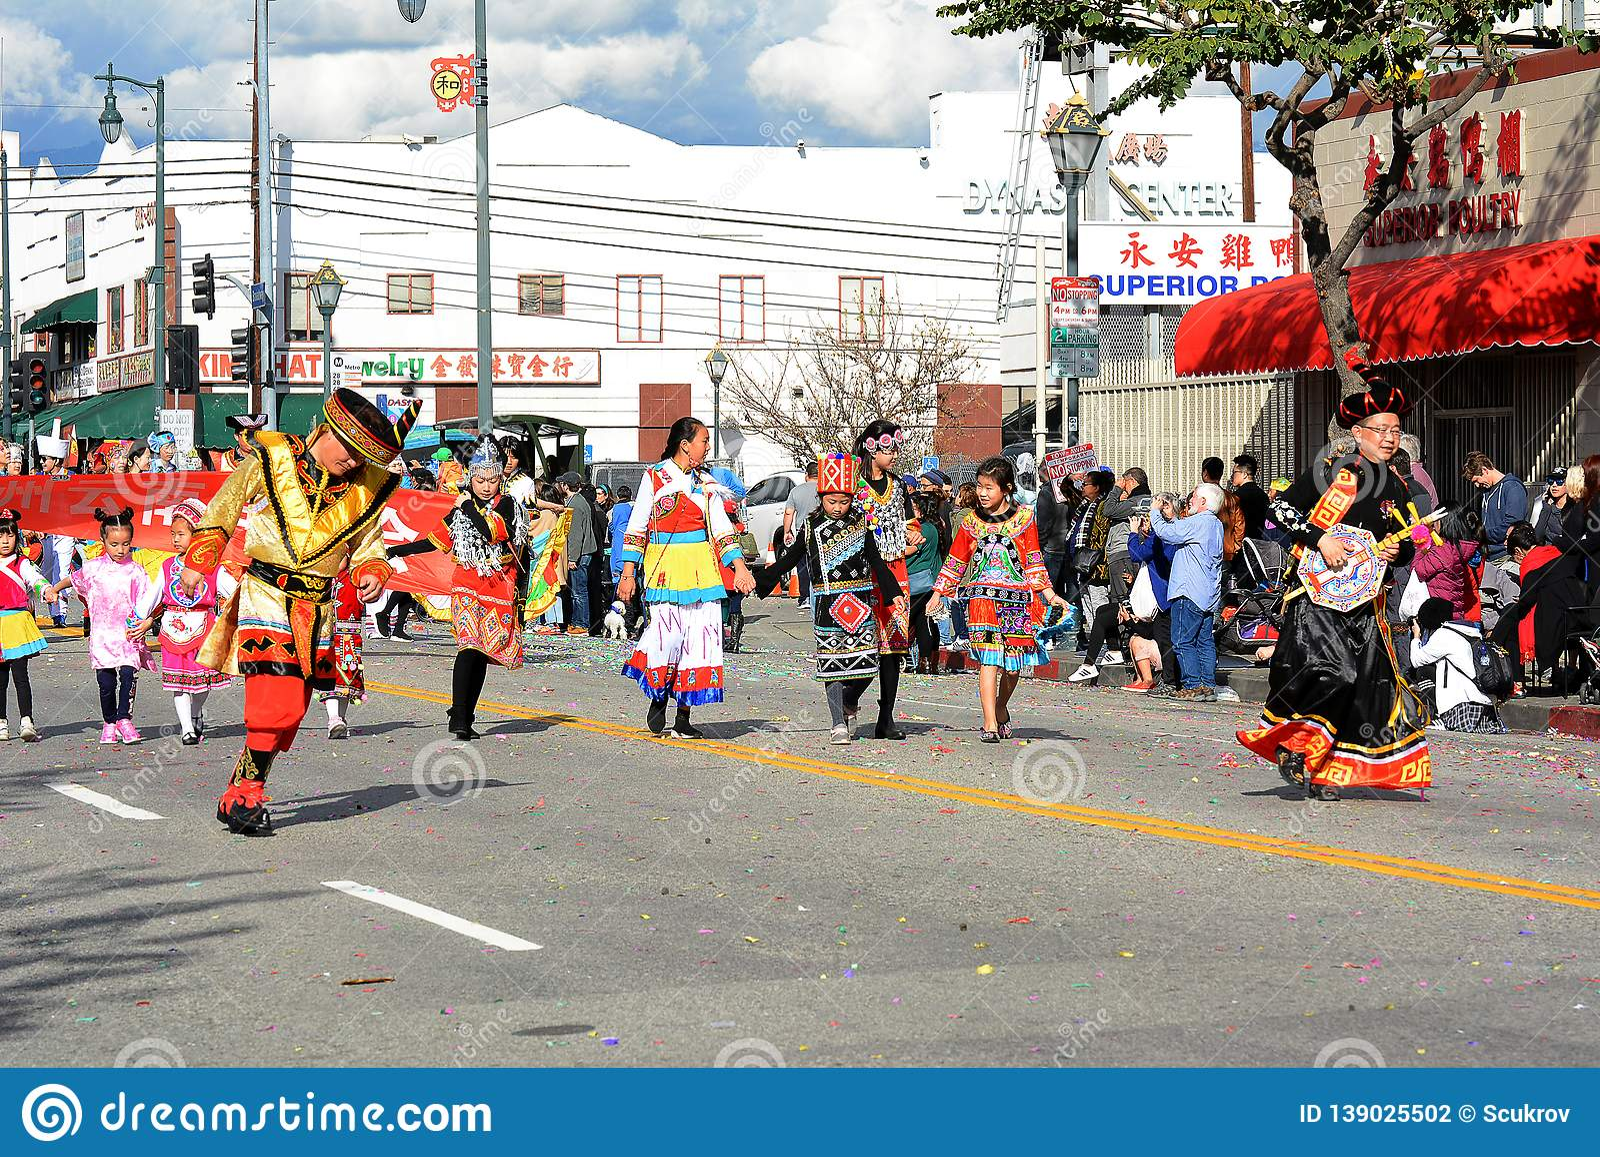 Thailändische Tänzer im bunten traditionellen Kostüm bei goldenen Dragon Parade, das Chinesische Neujahrsfest feiernd